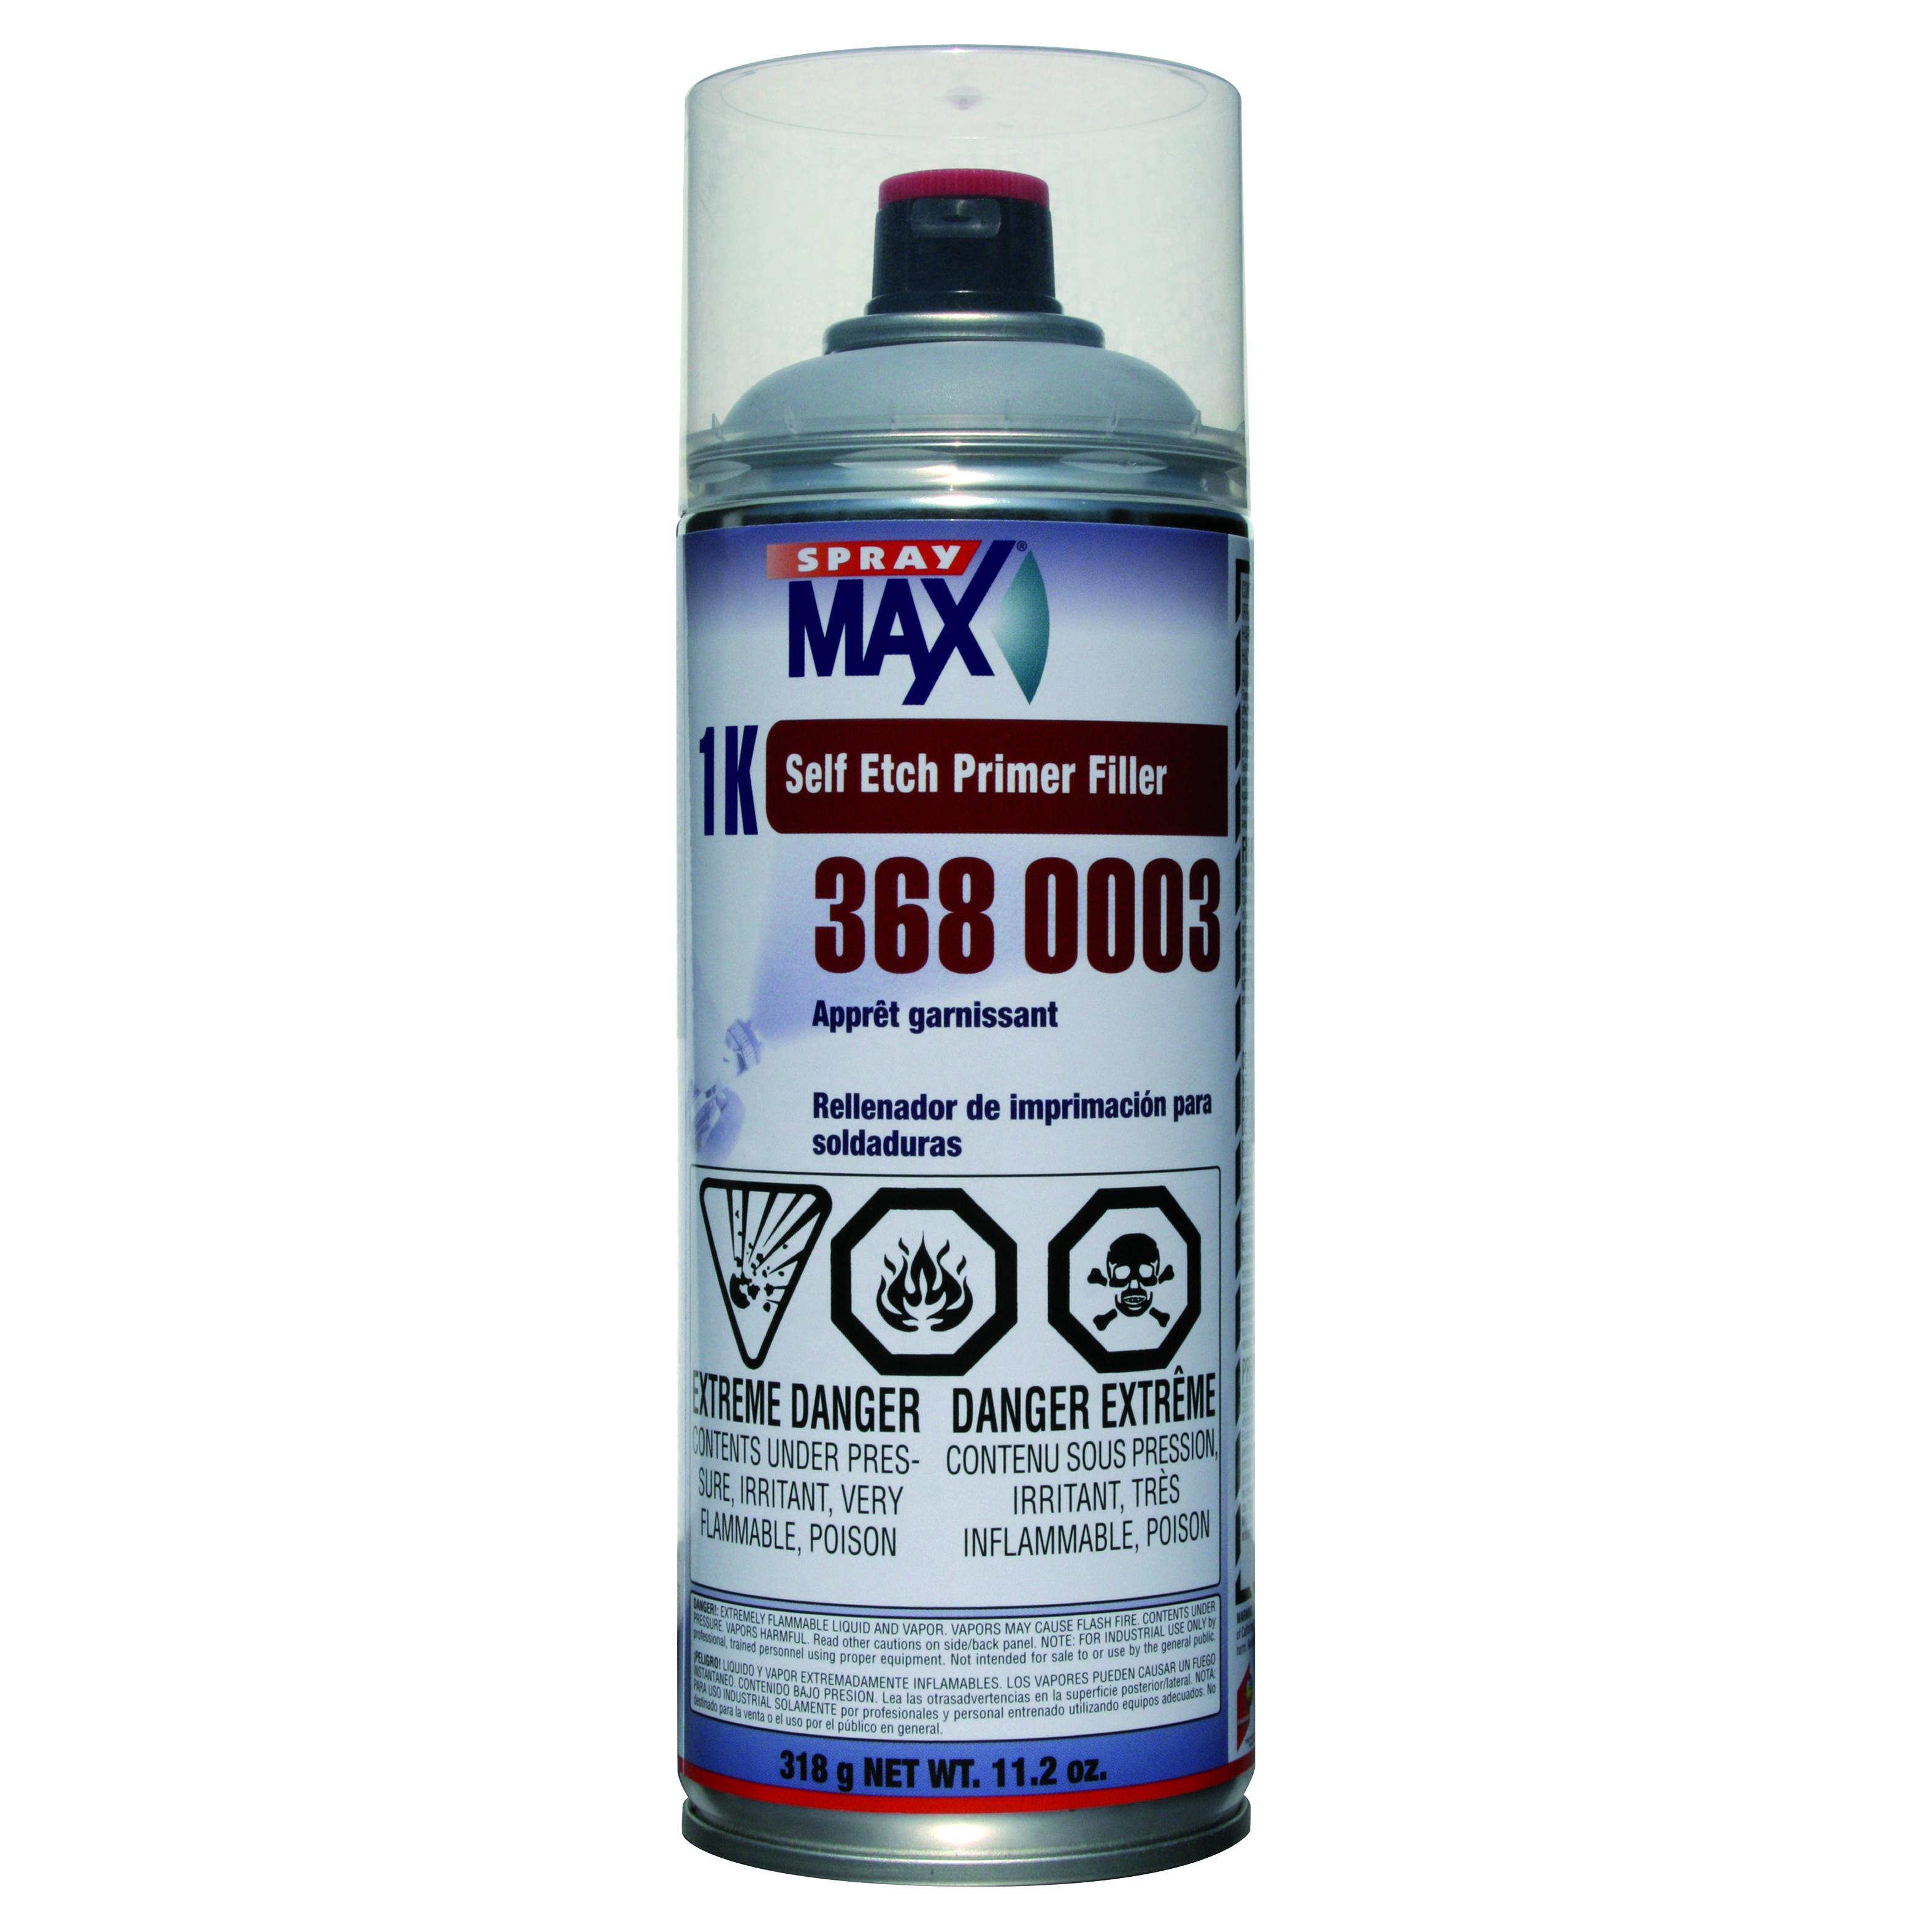 Usc Spraymax 1k Self Etch Primer Filler